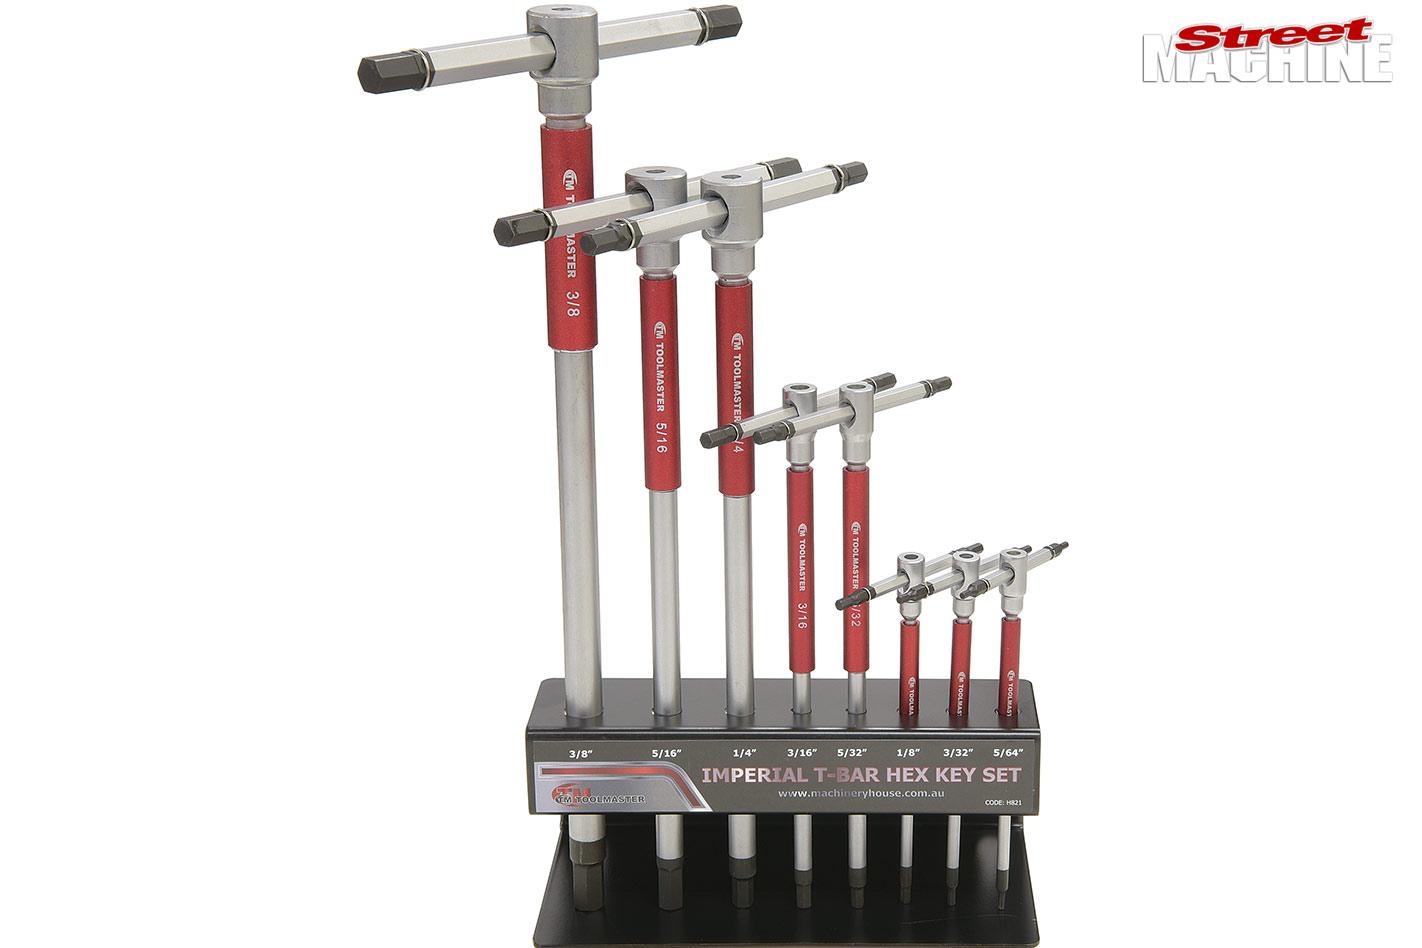 New street machine gear: T-Bar Hex key set + Dual-Quad & Carb Kits +